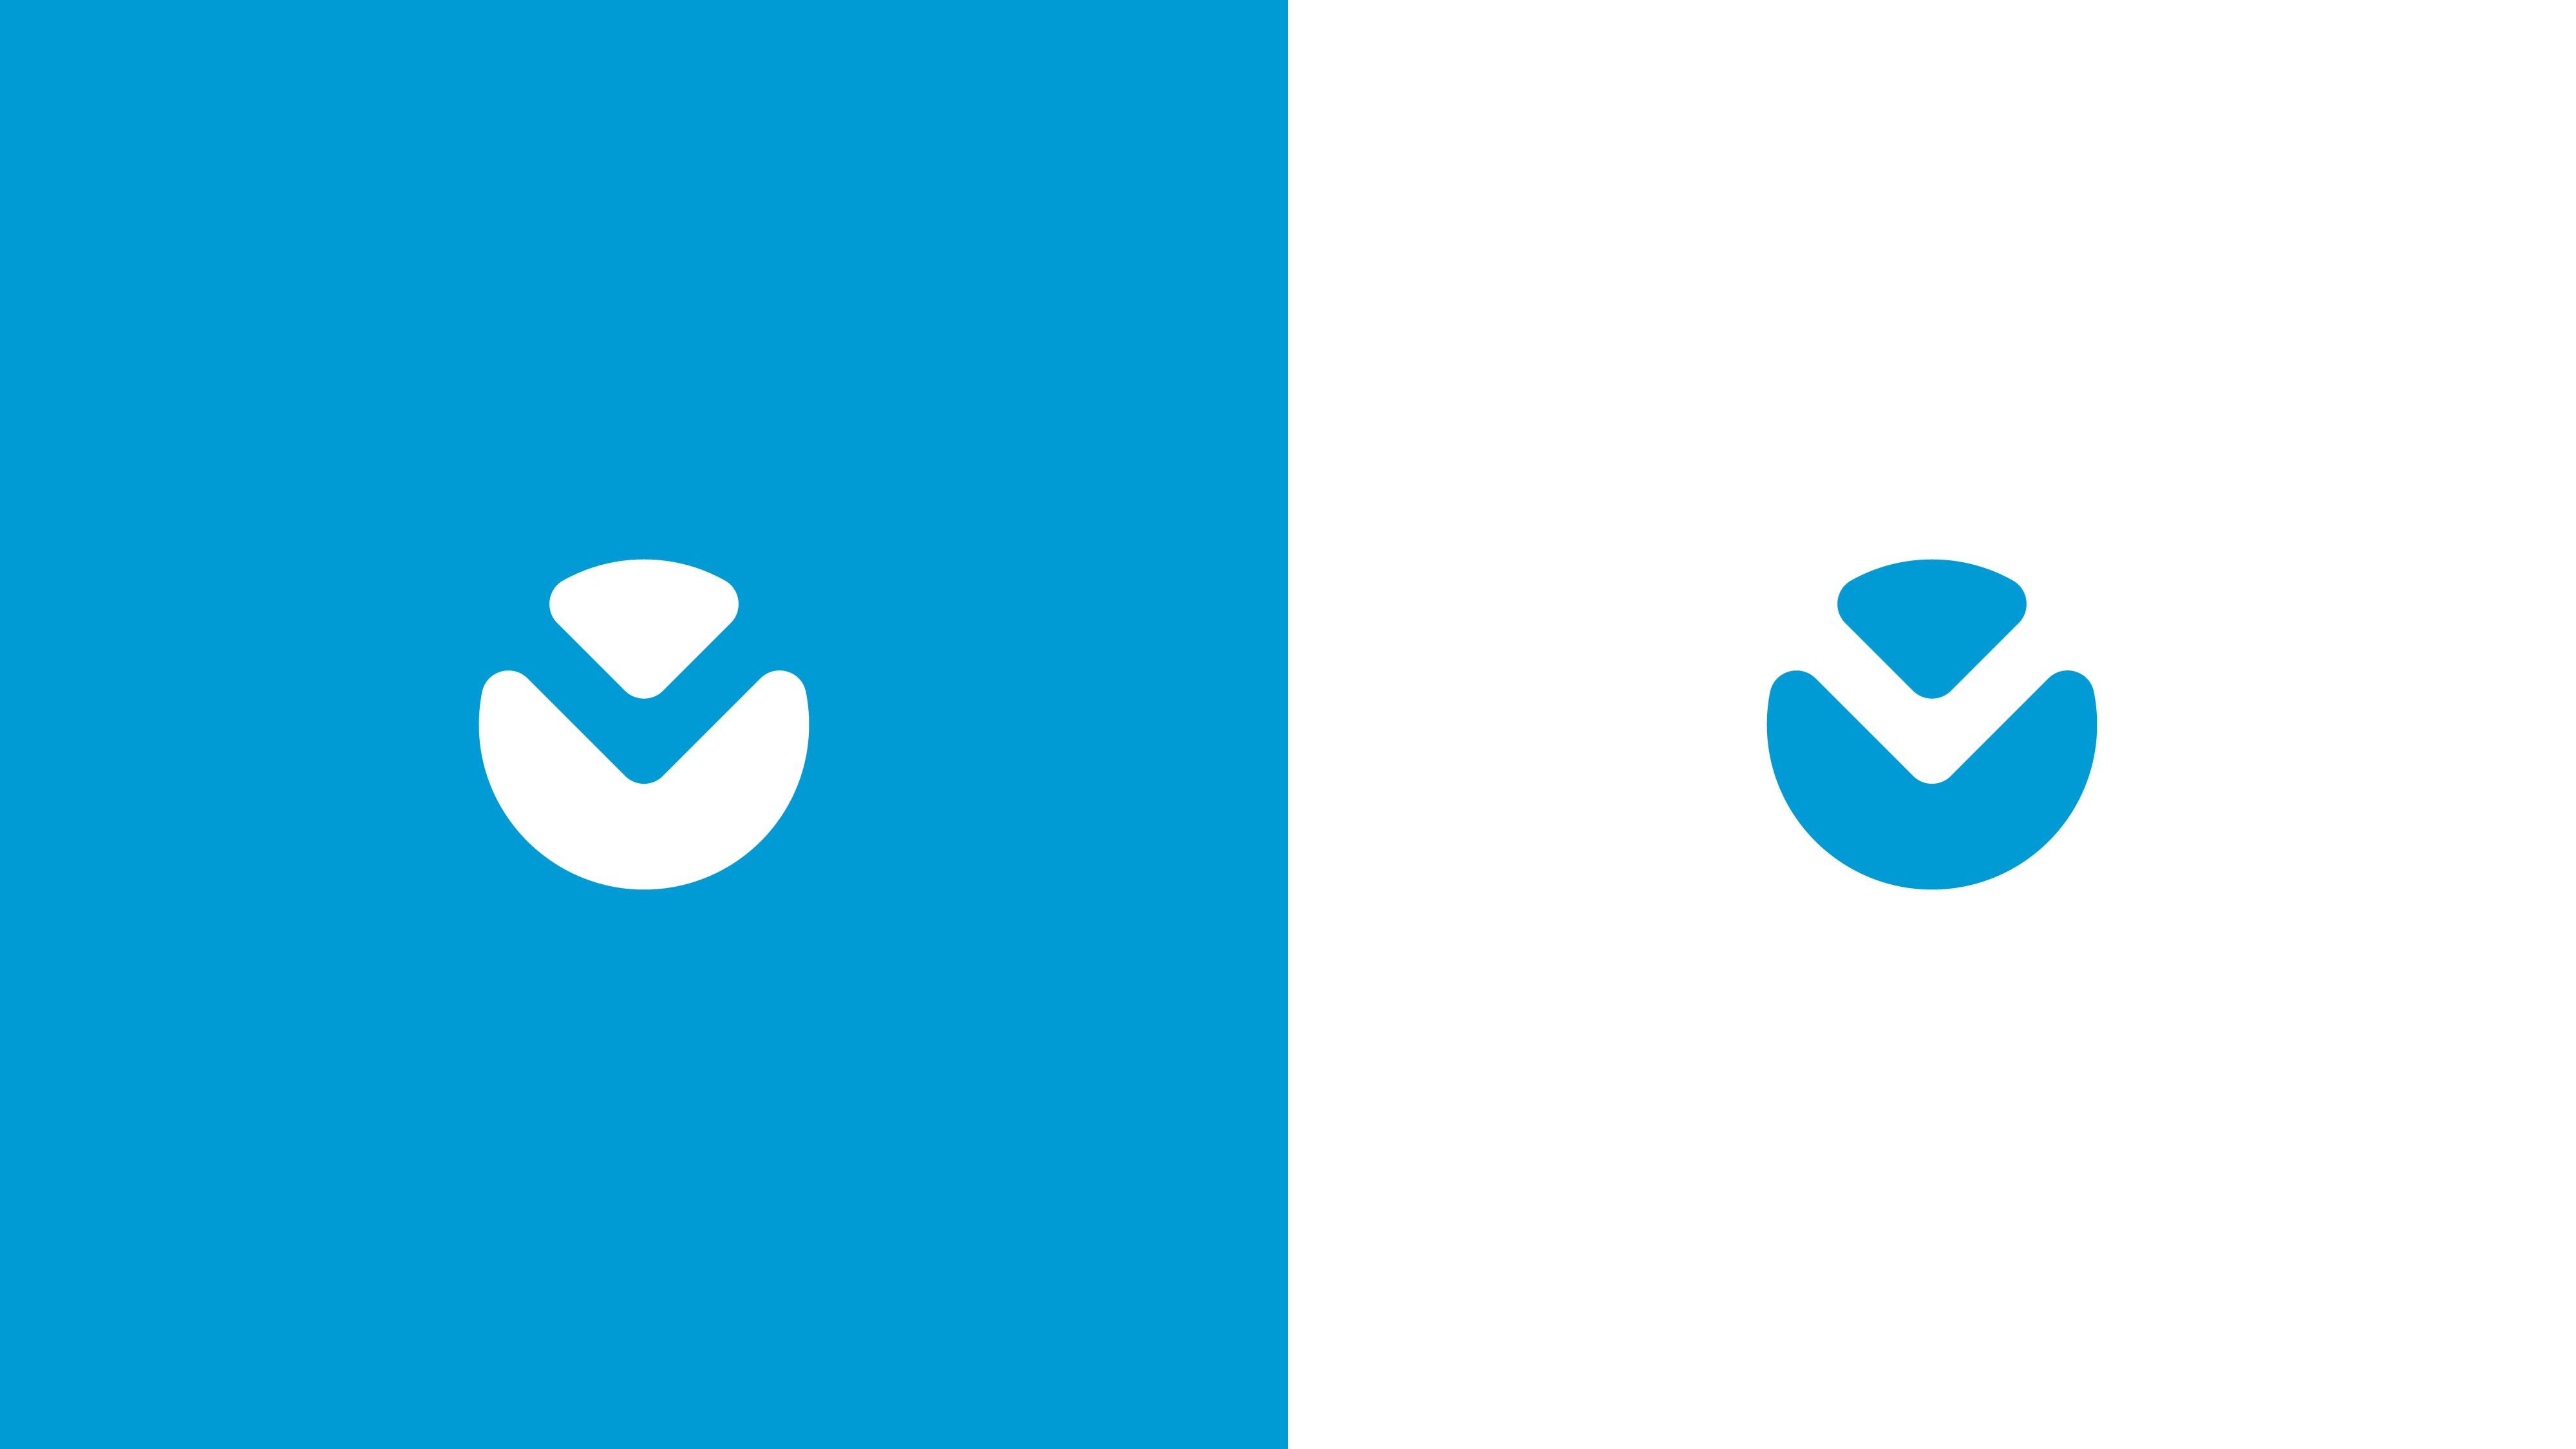 Логотип / иконка сервиса управления проектами / задачами фото f_23659770f773628d.jpg